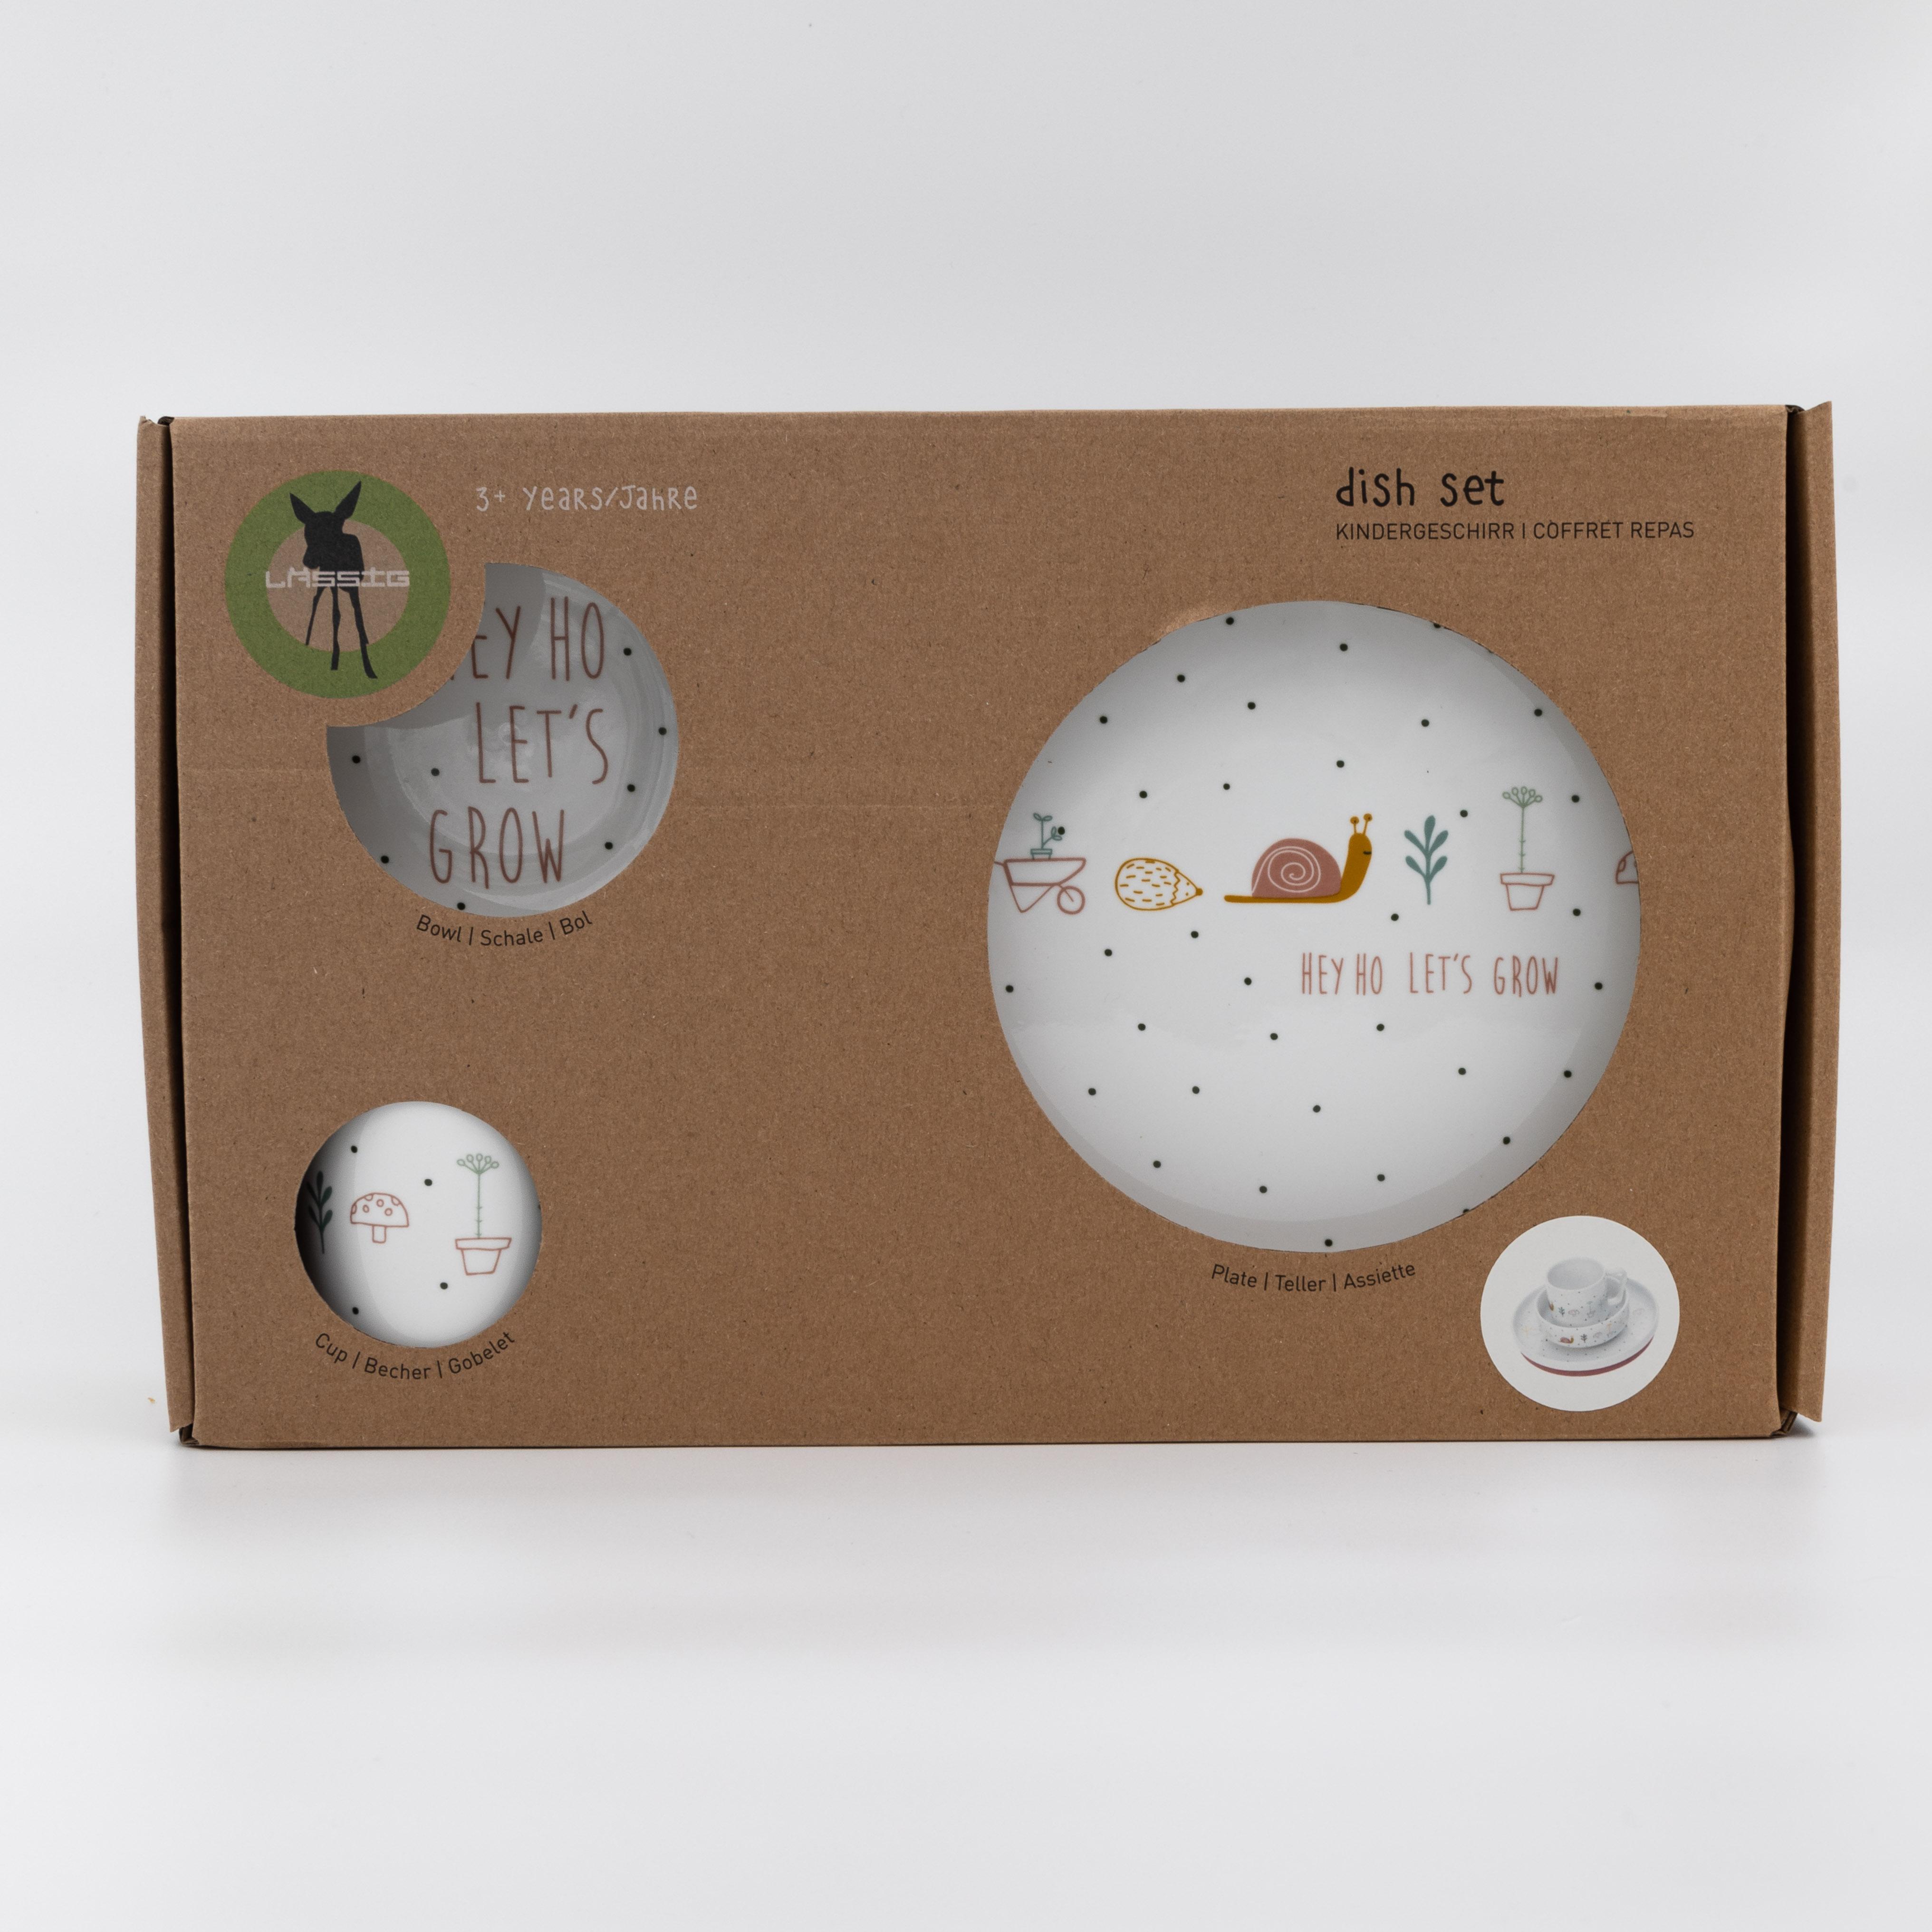 Weisses Kindergeschirr mit Gartenmotiven in Kartonverpackung.